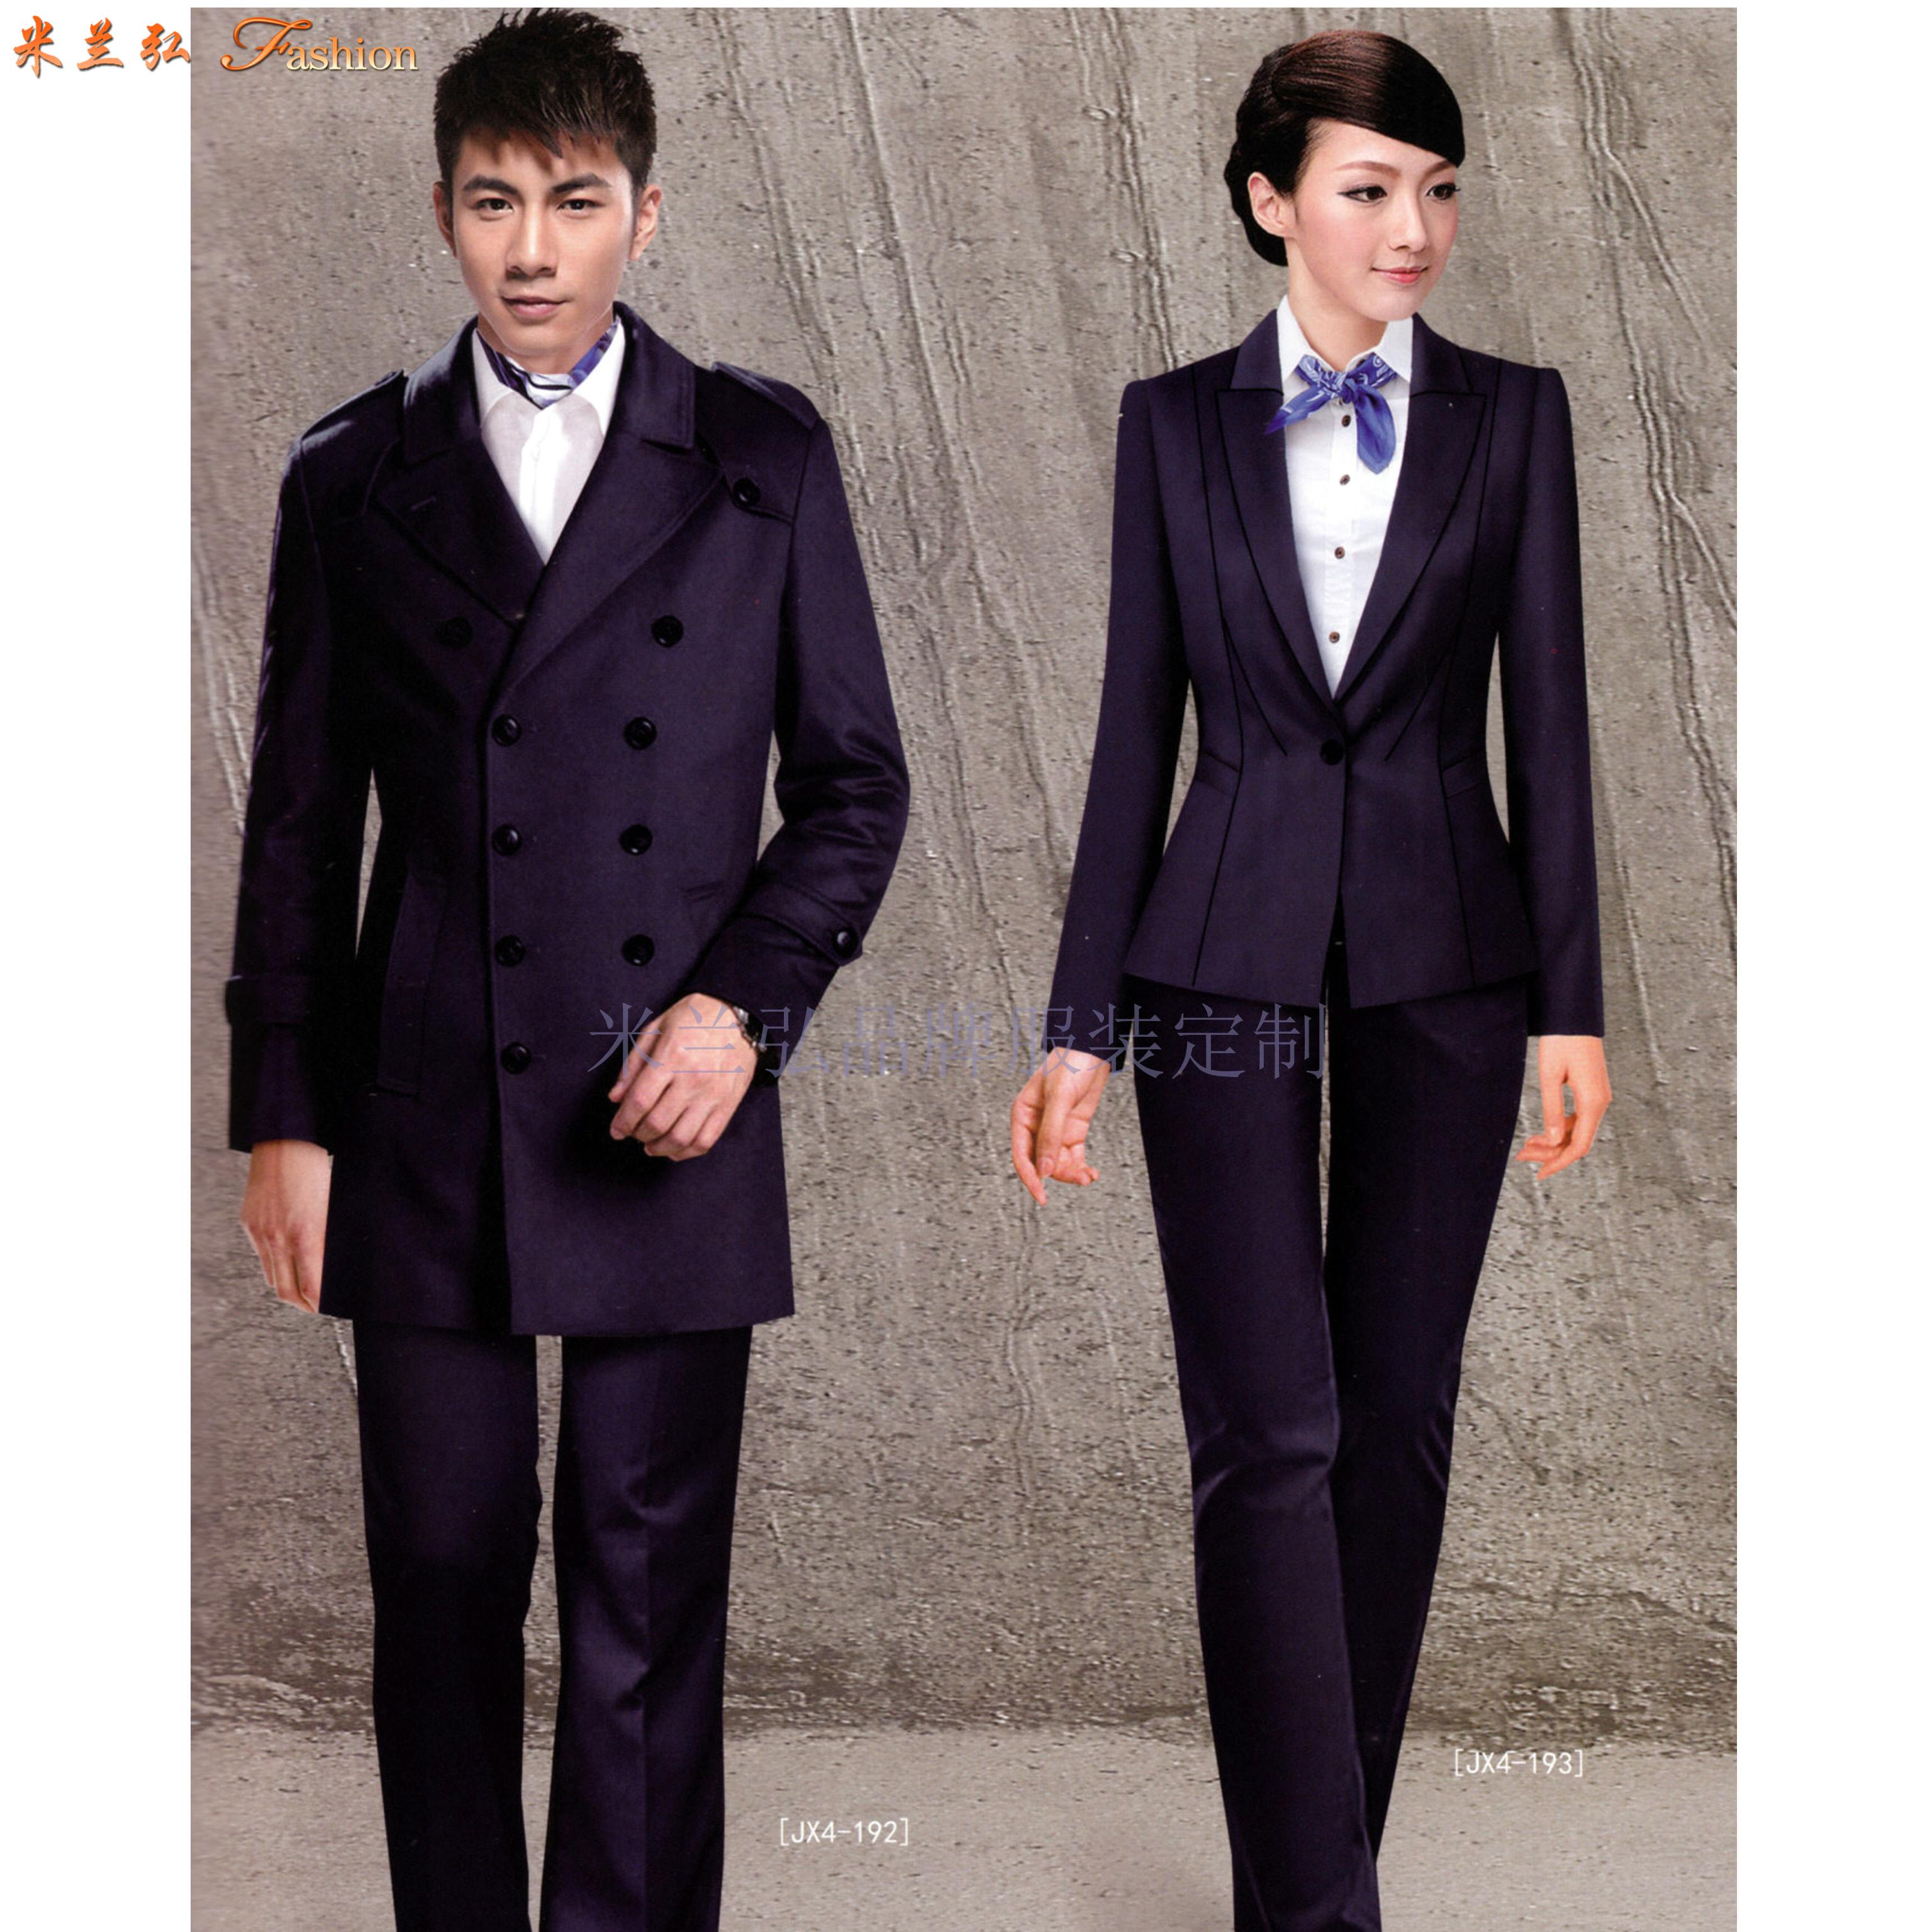 比較正式的商務西服一般選擇黑色或者藏藍色的羊毛面料-米蘭弘-2